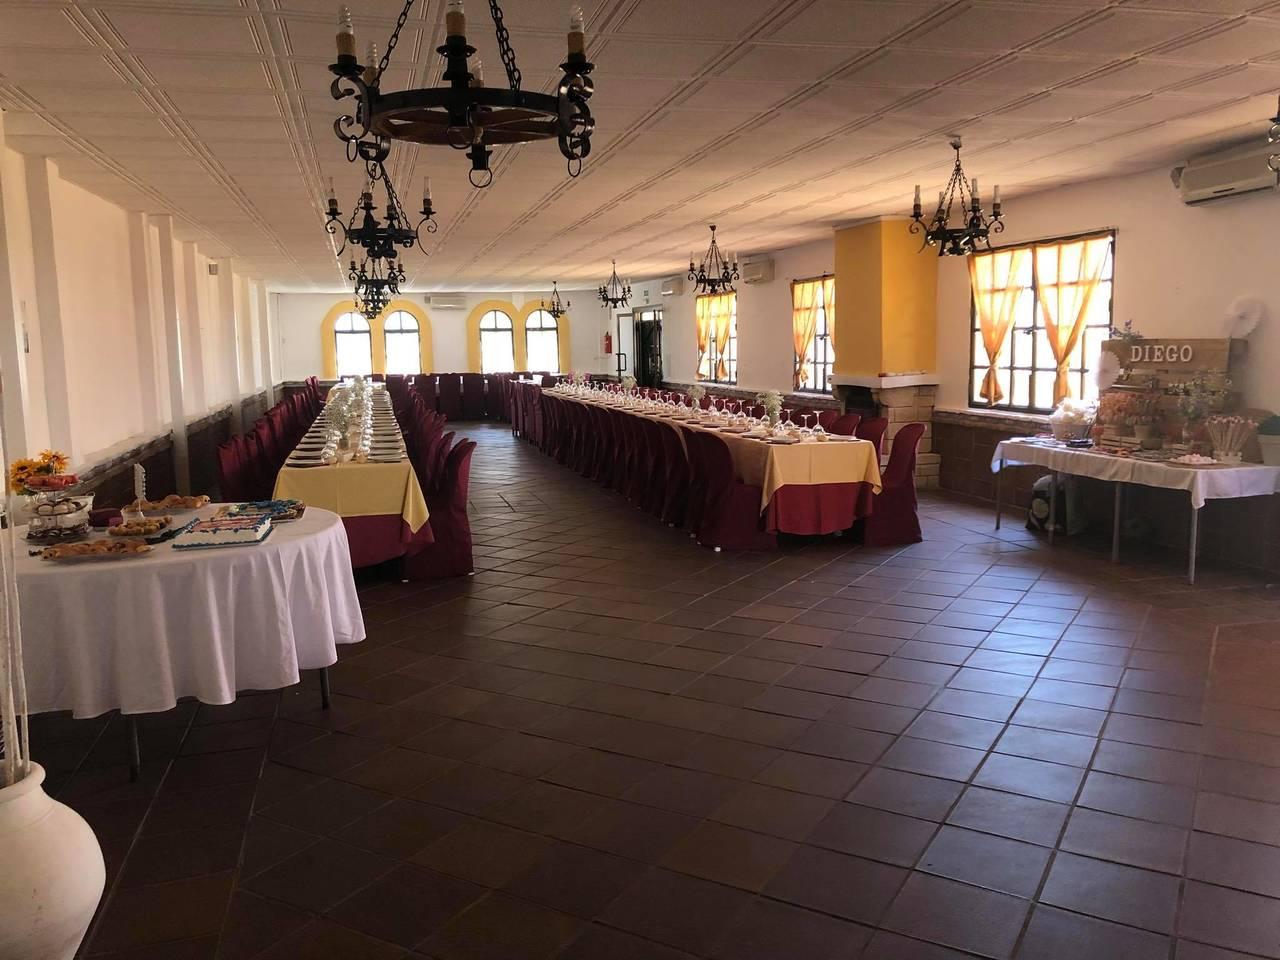 Alquiler de salón de celebraciones en Espartinas (Sevilla)  - Foto 5